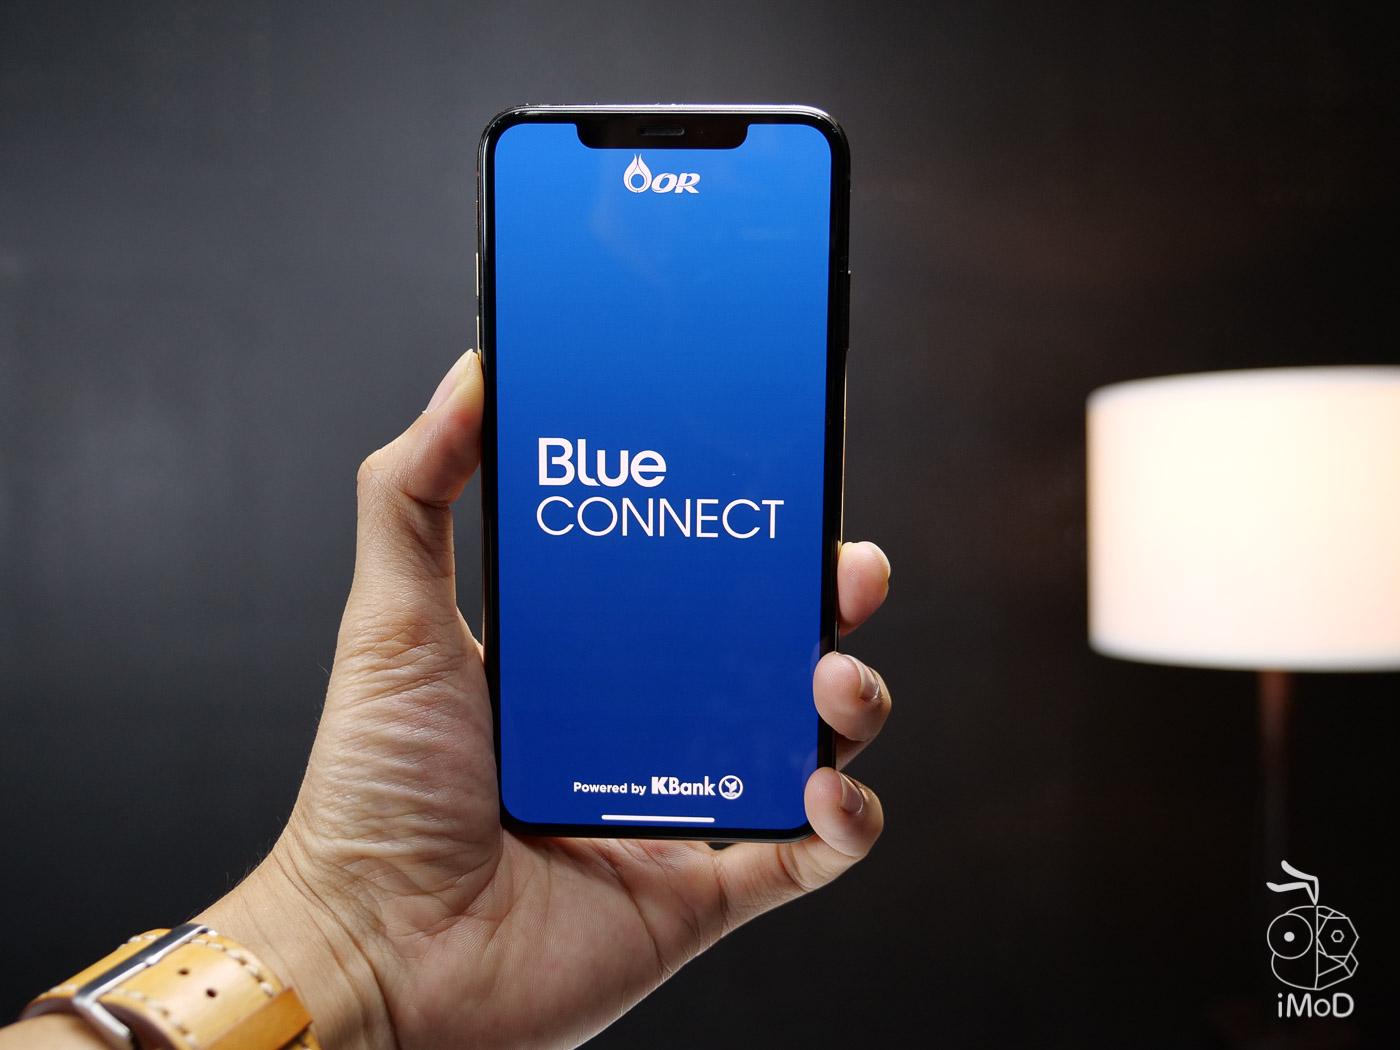 Ptt Blue Connect E Wallet Review 1011583